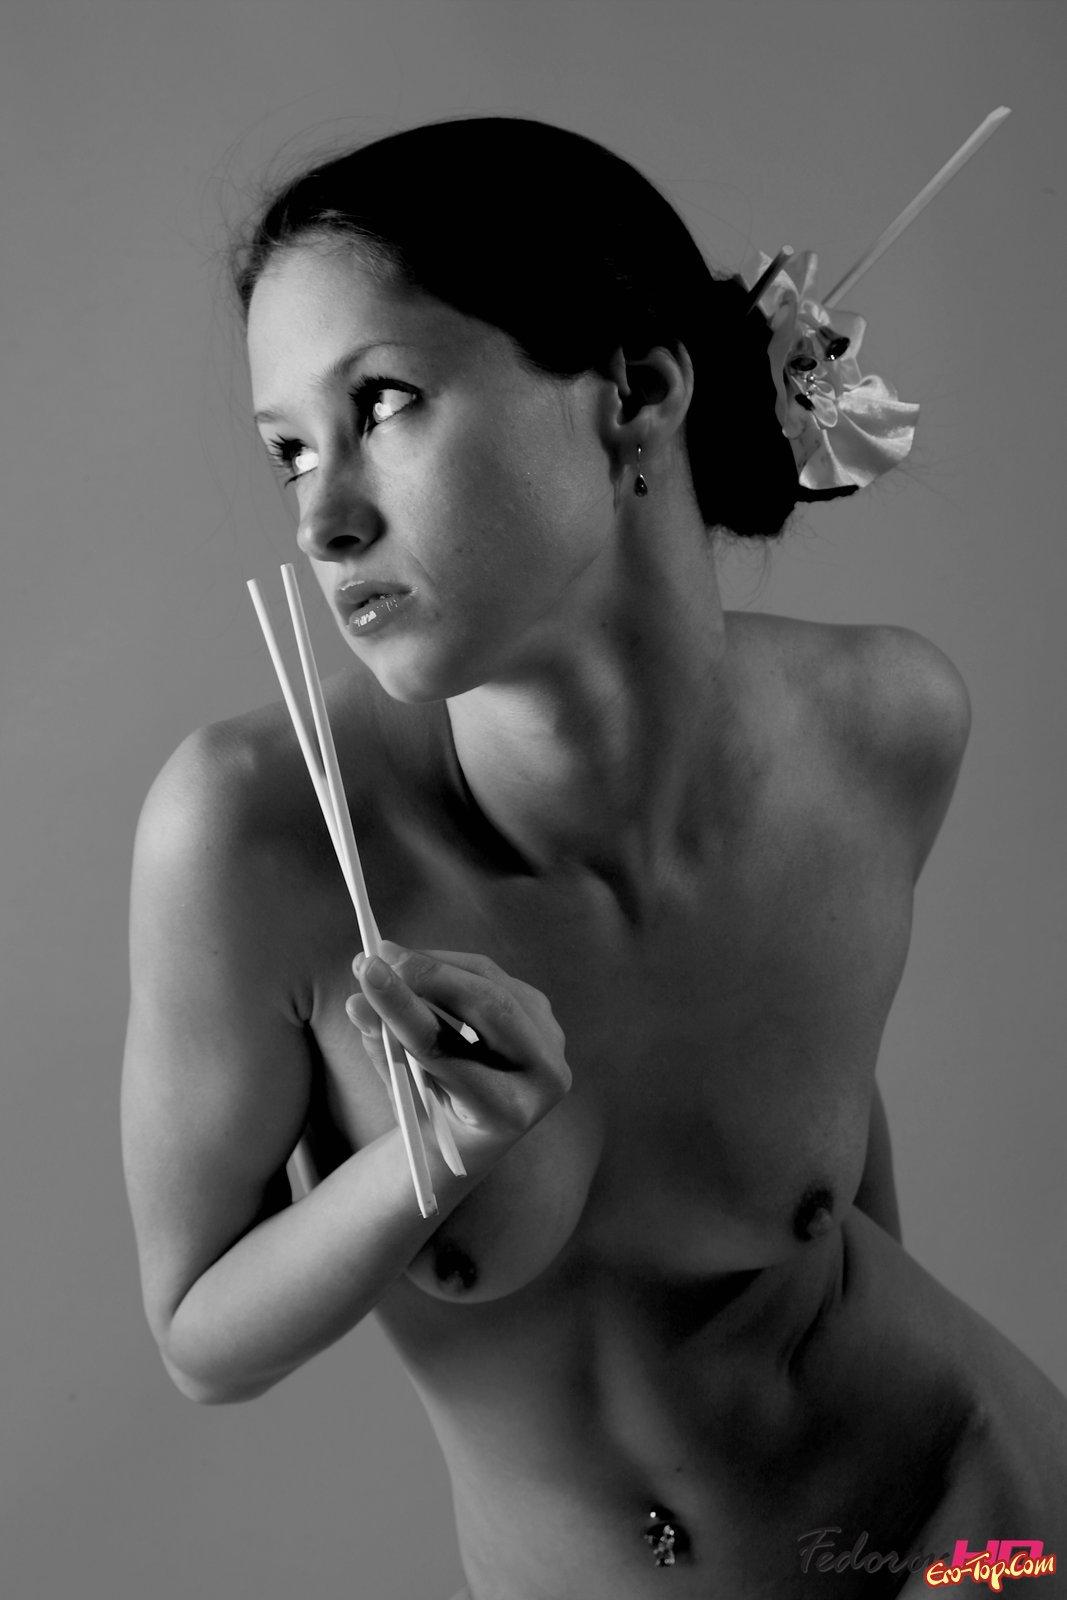 Черно-белое соблазнительное фото смотреть эротику